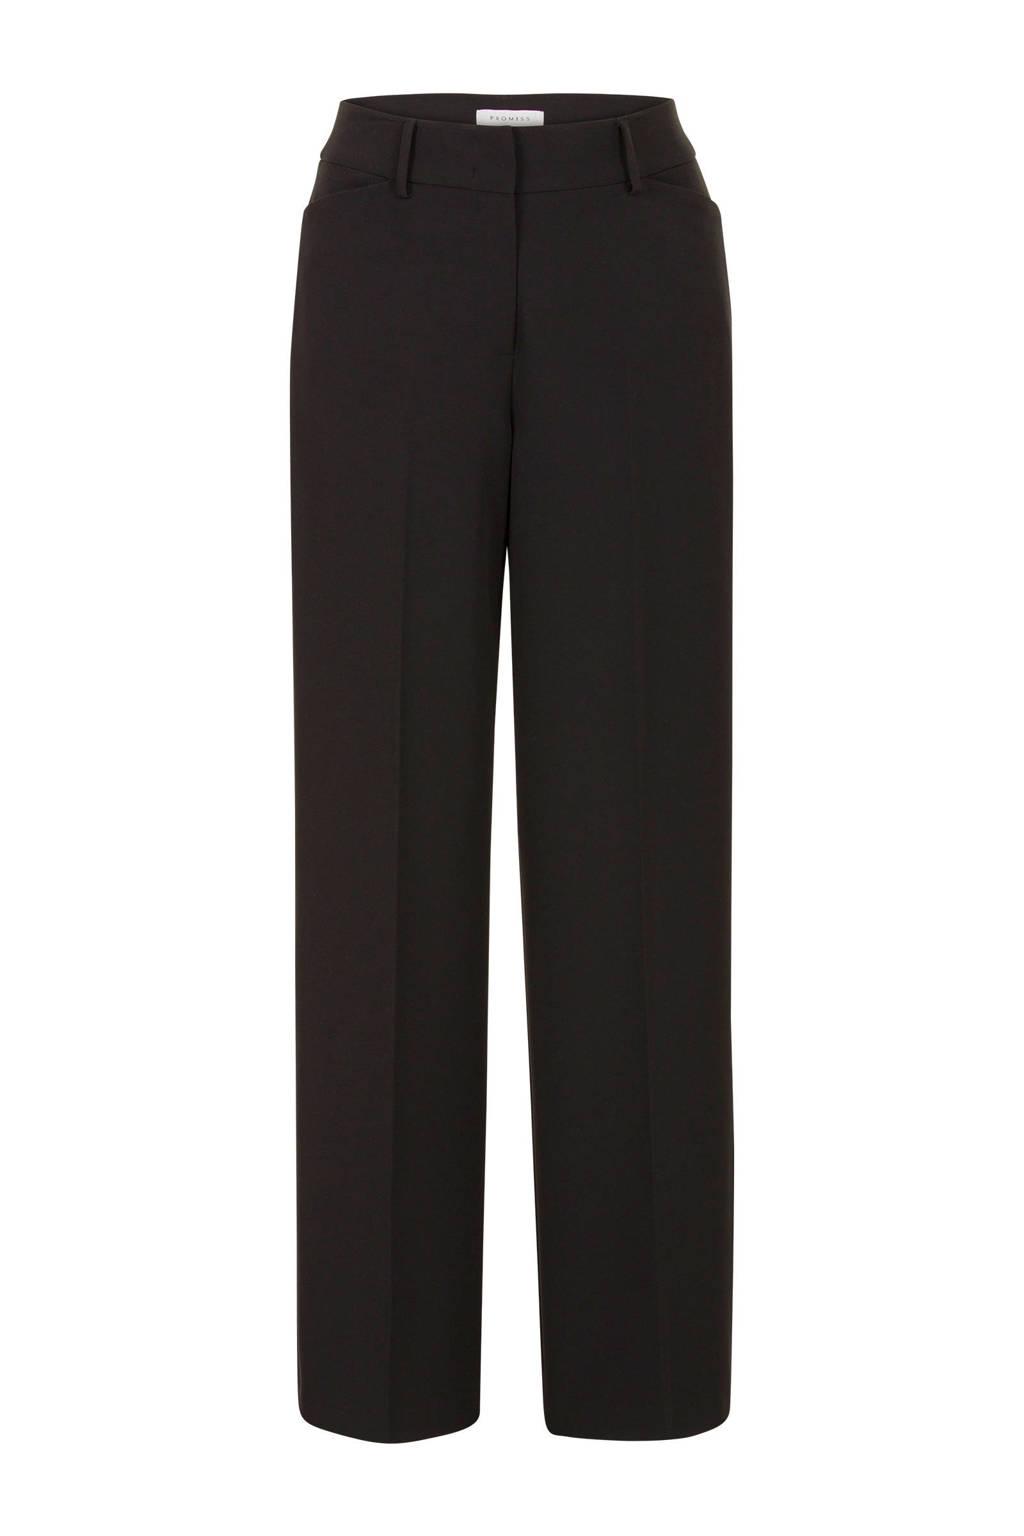 PROMISS high waist loose fit pantalon zwart, Zwart